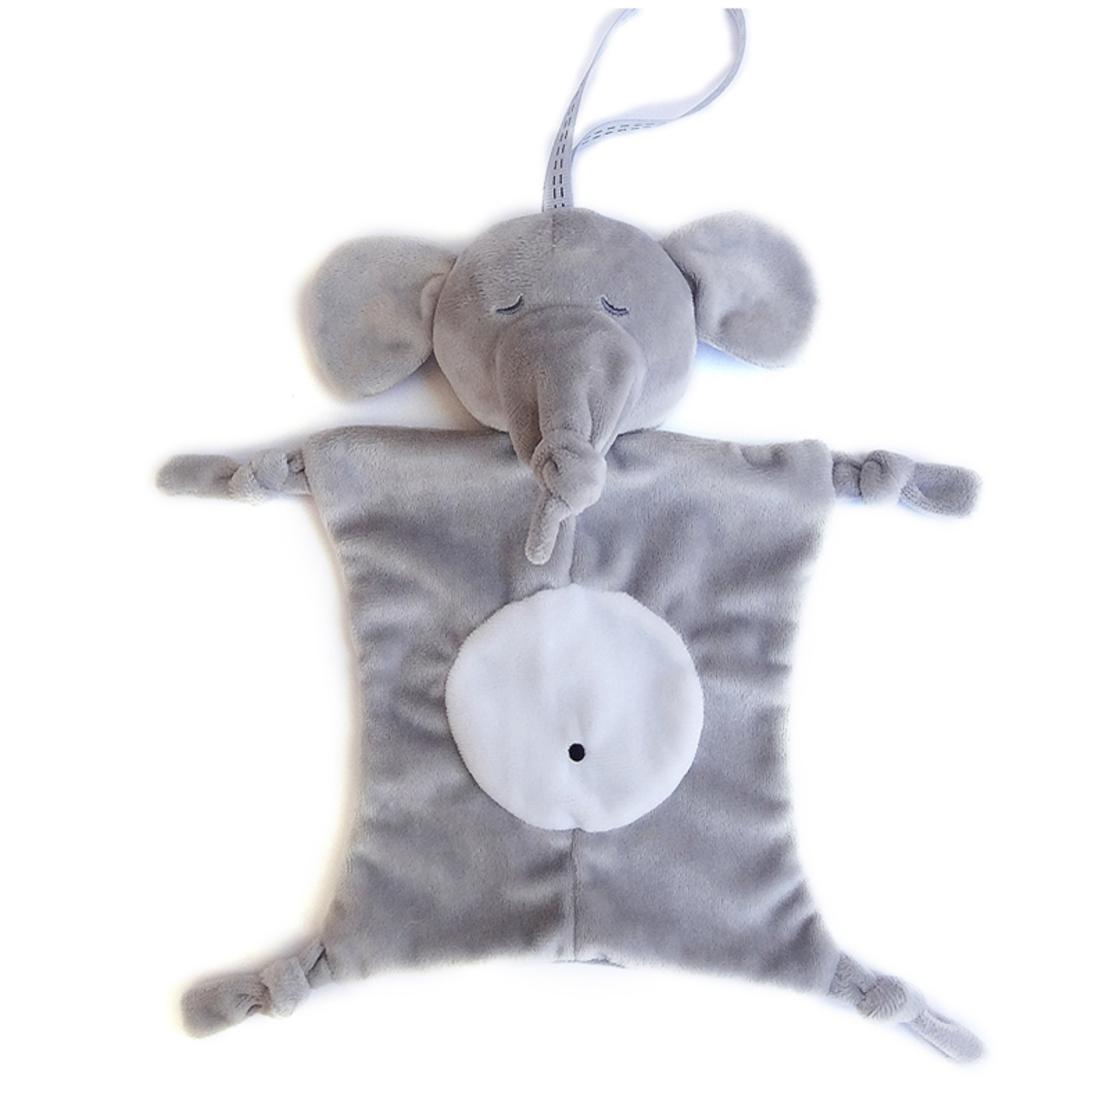 4# - שמחה גדולה לבן : מארז שי ללידה ובו שמיכי קטיפתי, שלישיית חיתולי טטרה, כובע וקוביית התפתחות בסל צעצועים